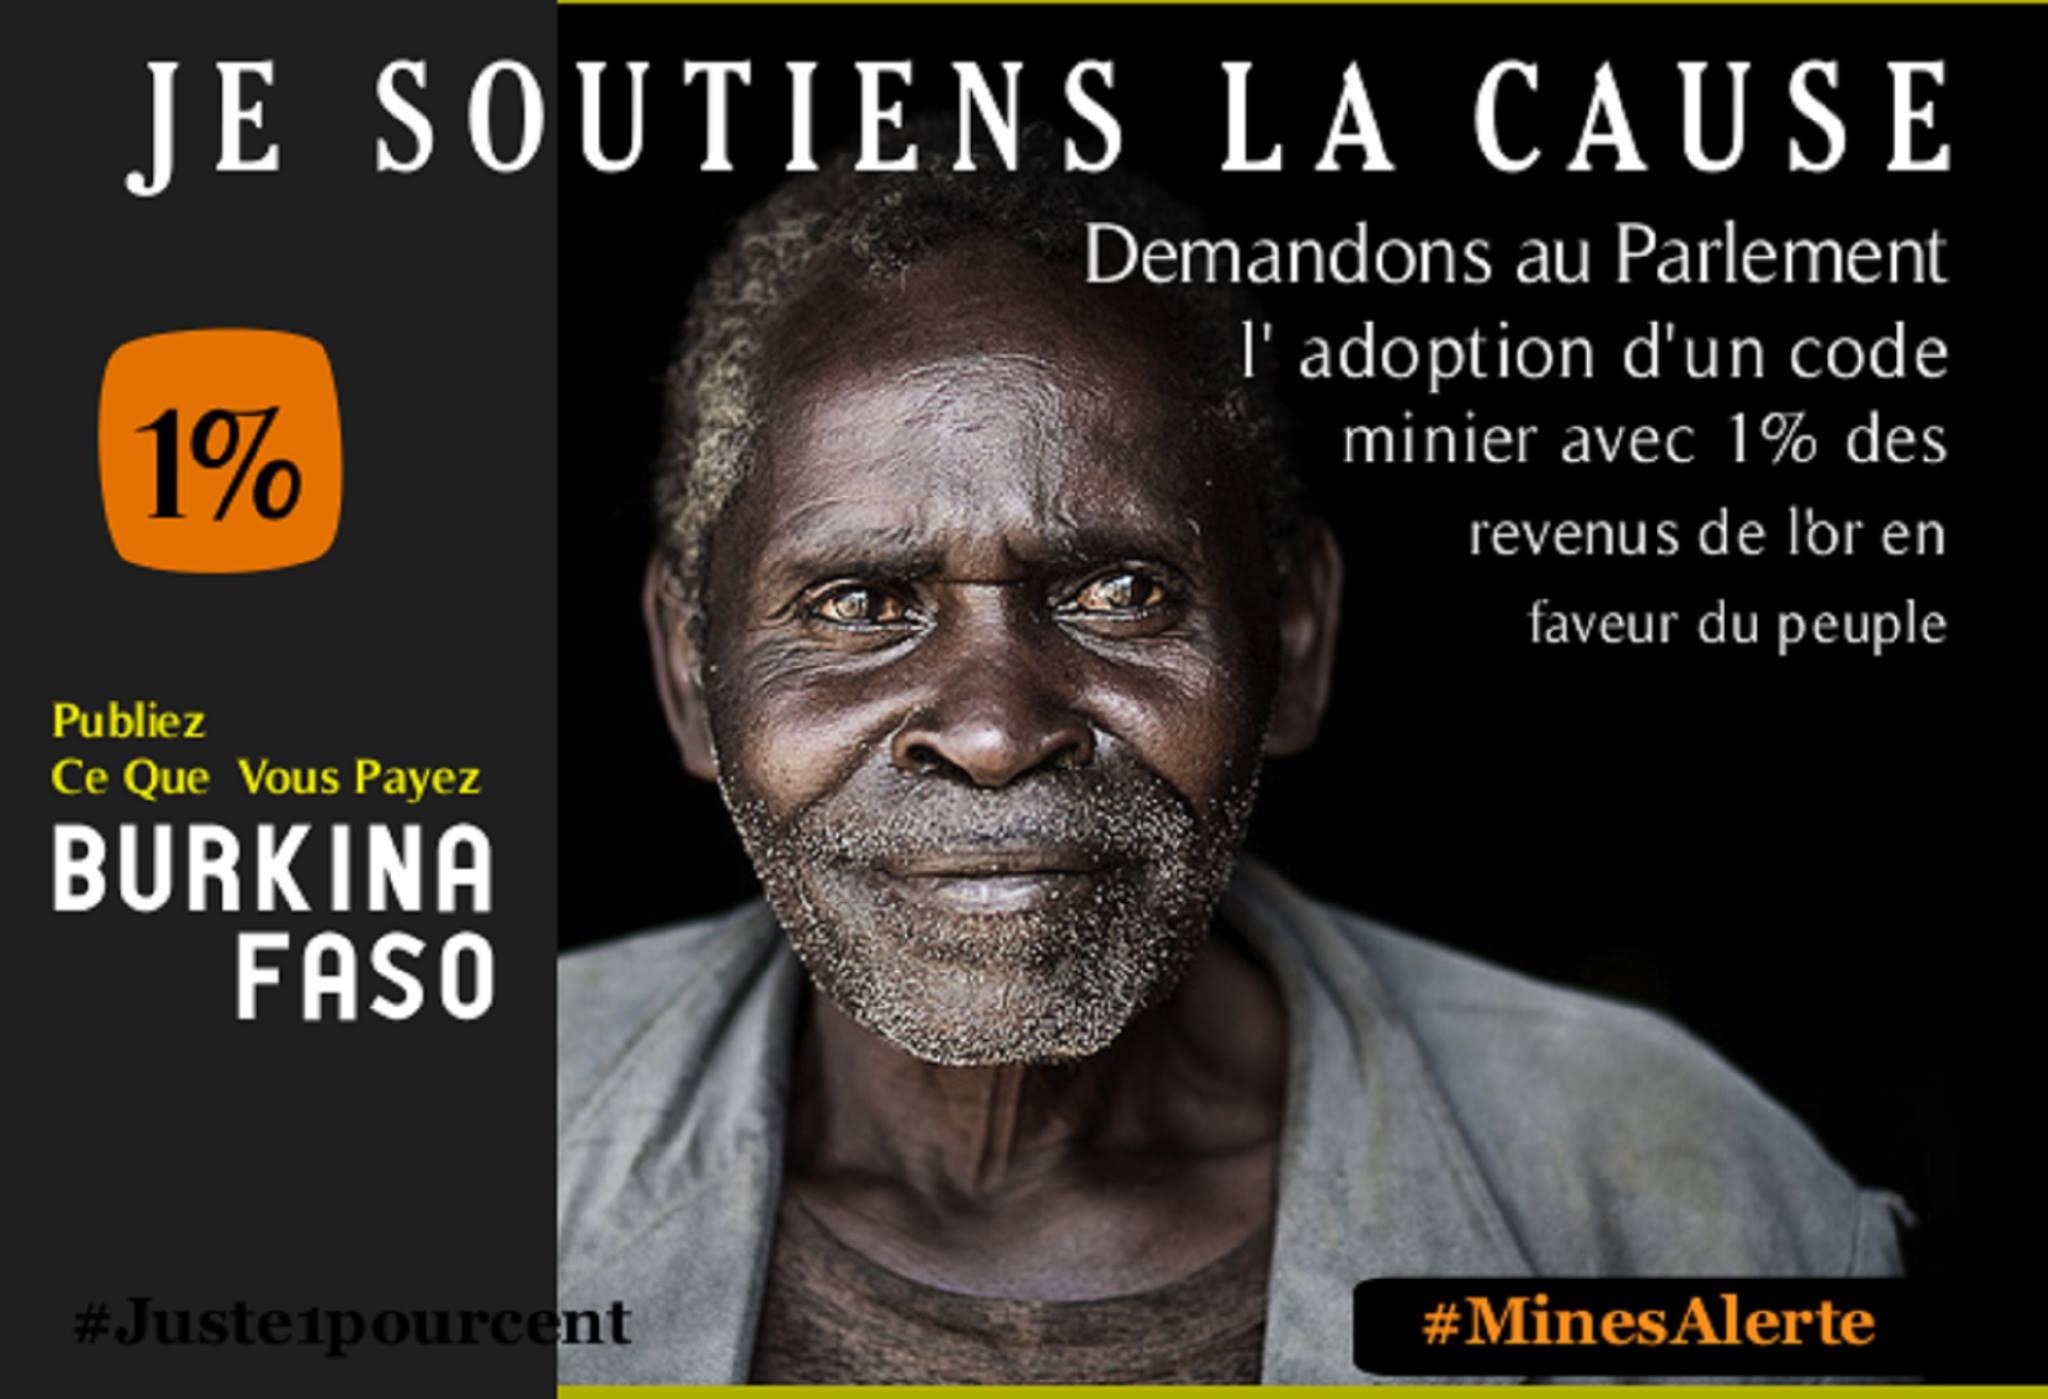 Burkina Faso. Demandons au parlement l'adoption d'un code minier avec 1% des revenus de l'or en faveur du peuple